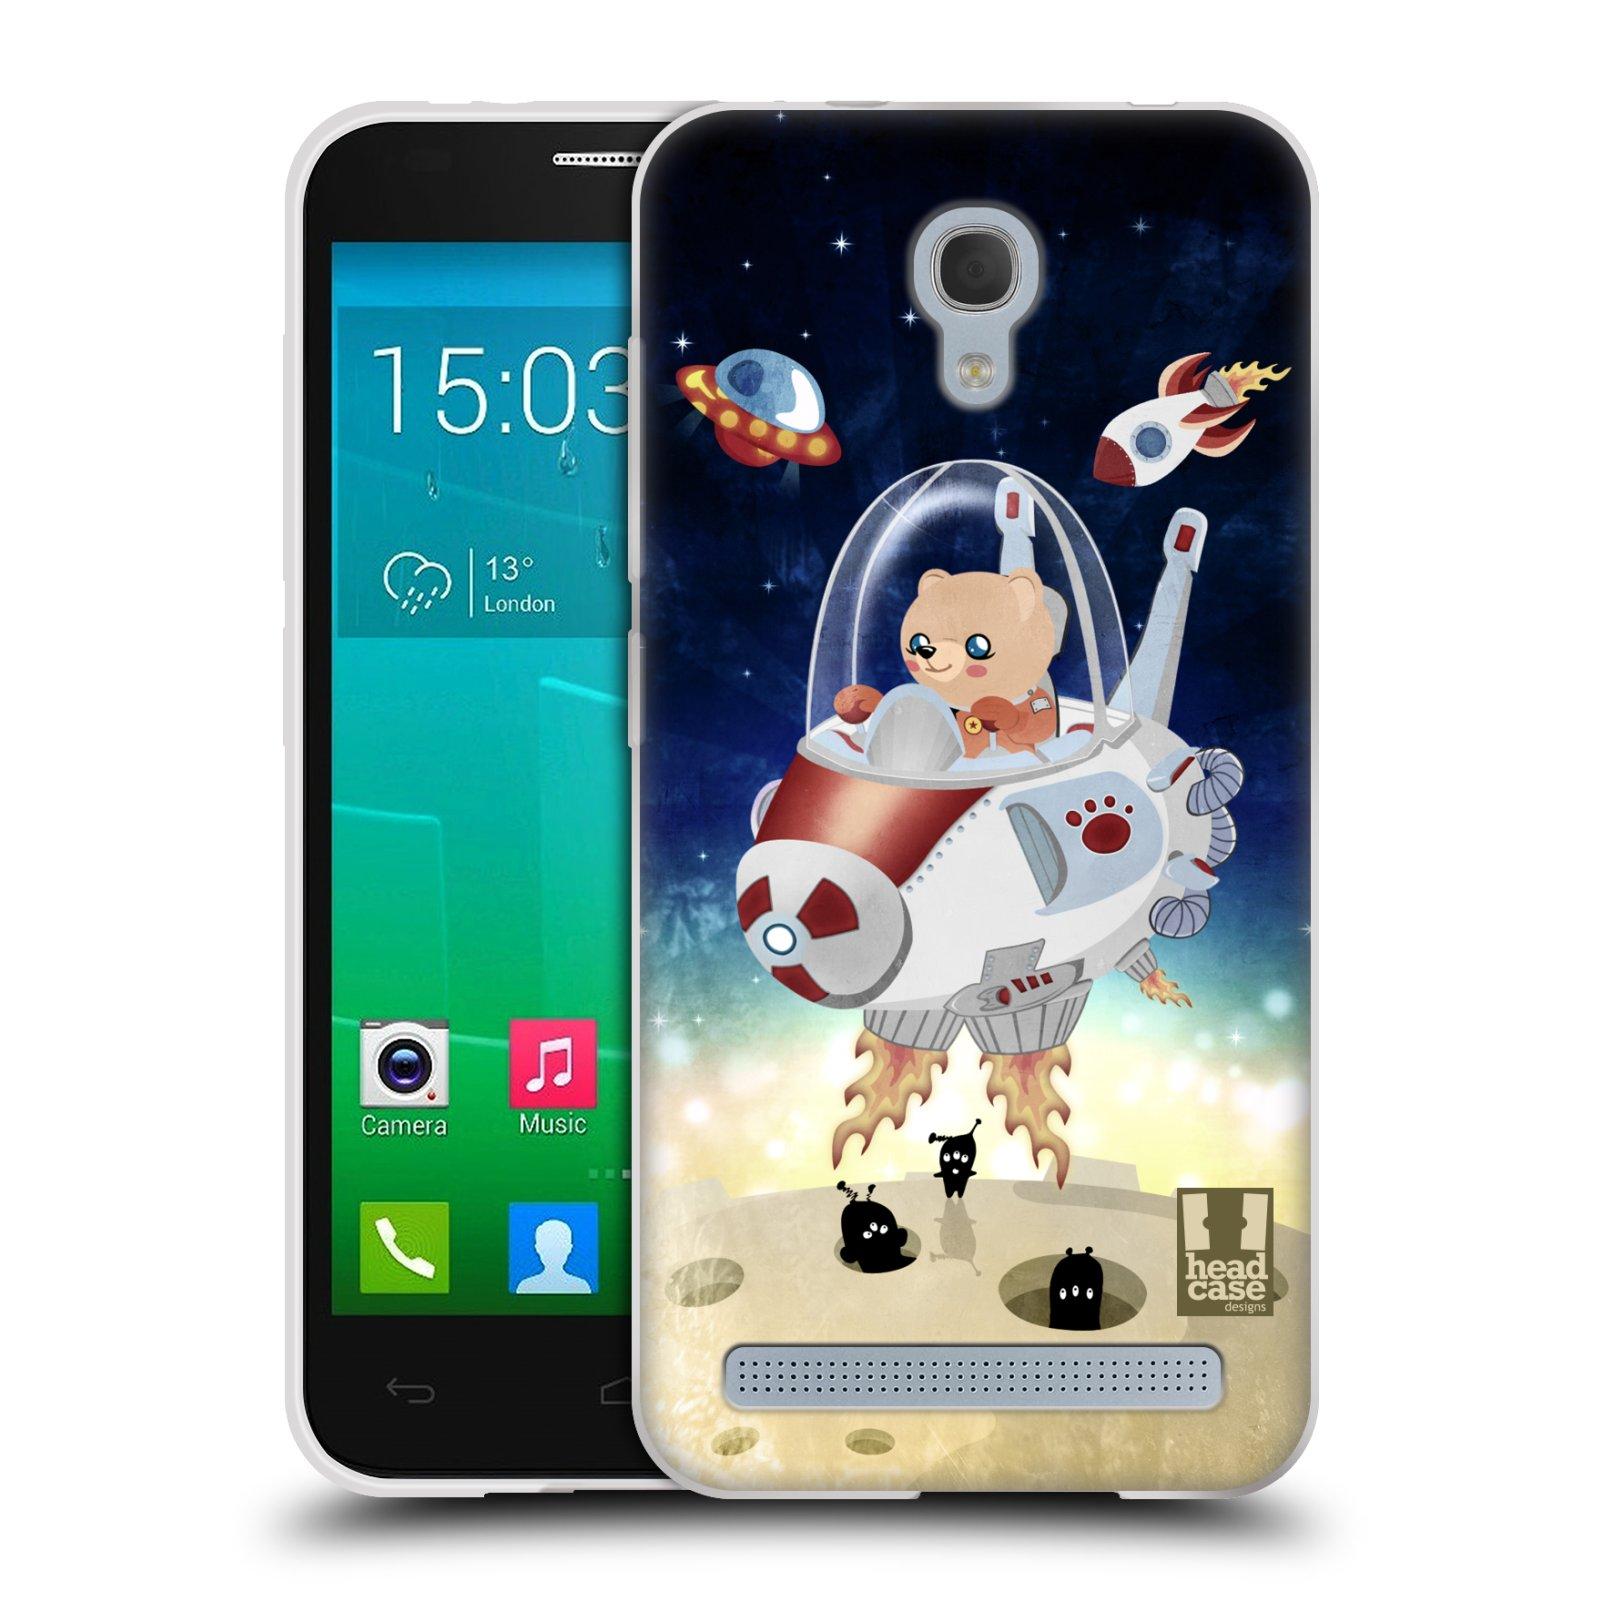 HEAD CASE silikonový obal na mobil Alcatel Idol 2 MINI S 6036Y vzor Zvířecí astronauti medvídek